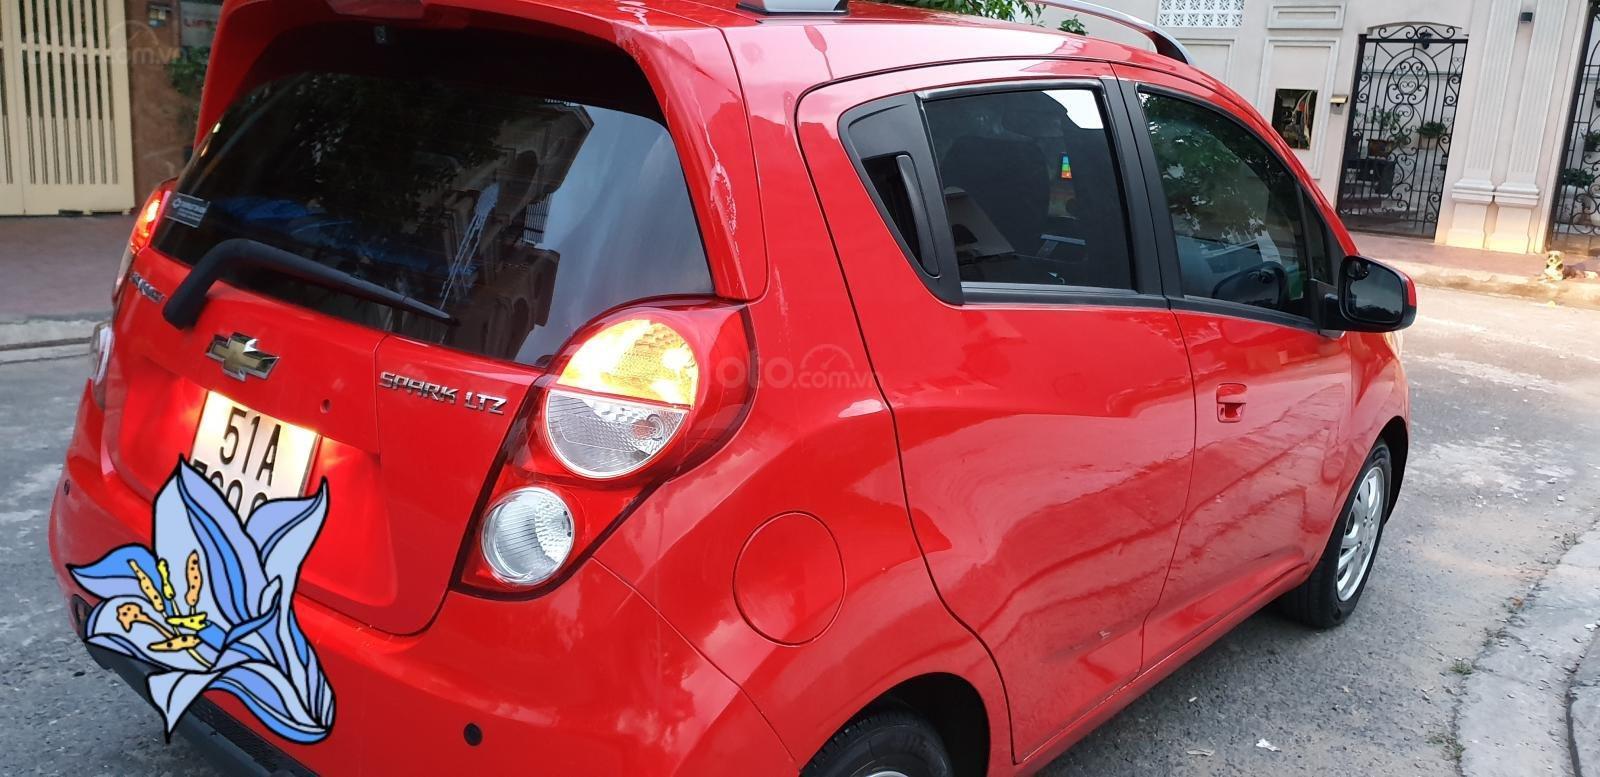 Bán Chevrolet Spark LTZ , số tự động đời T2/2014 sx 2013 màu đỏ đẹp mới 90% (9)